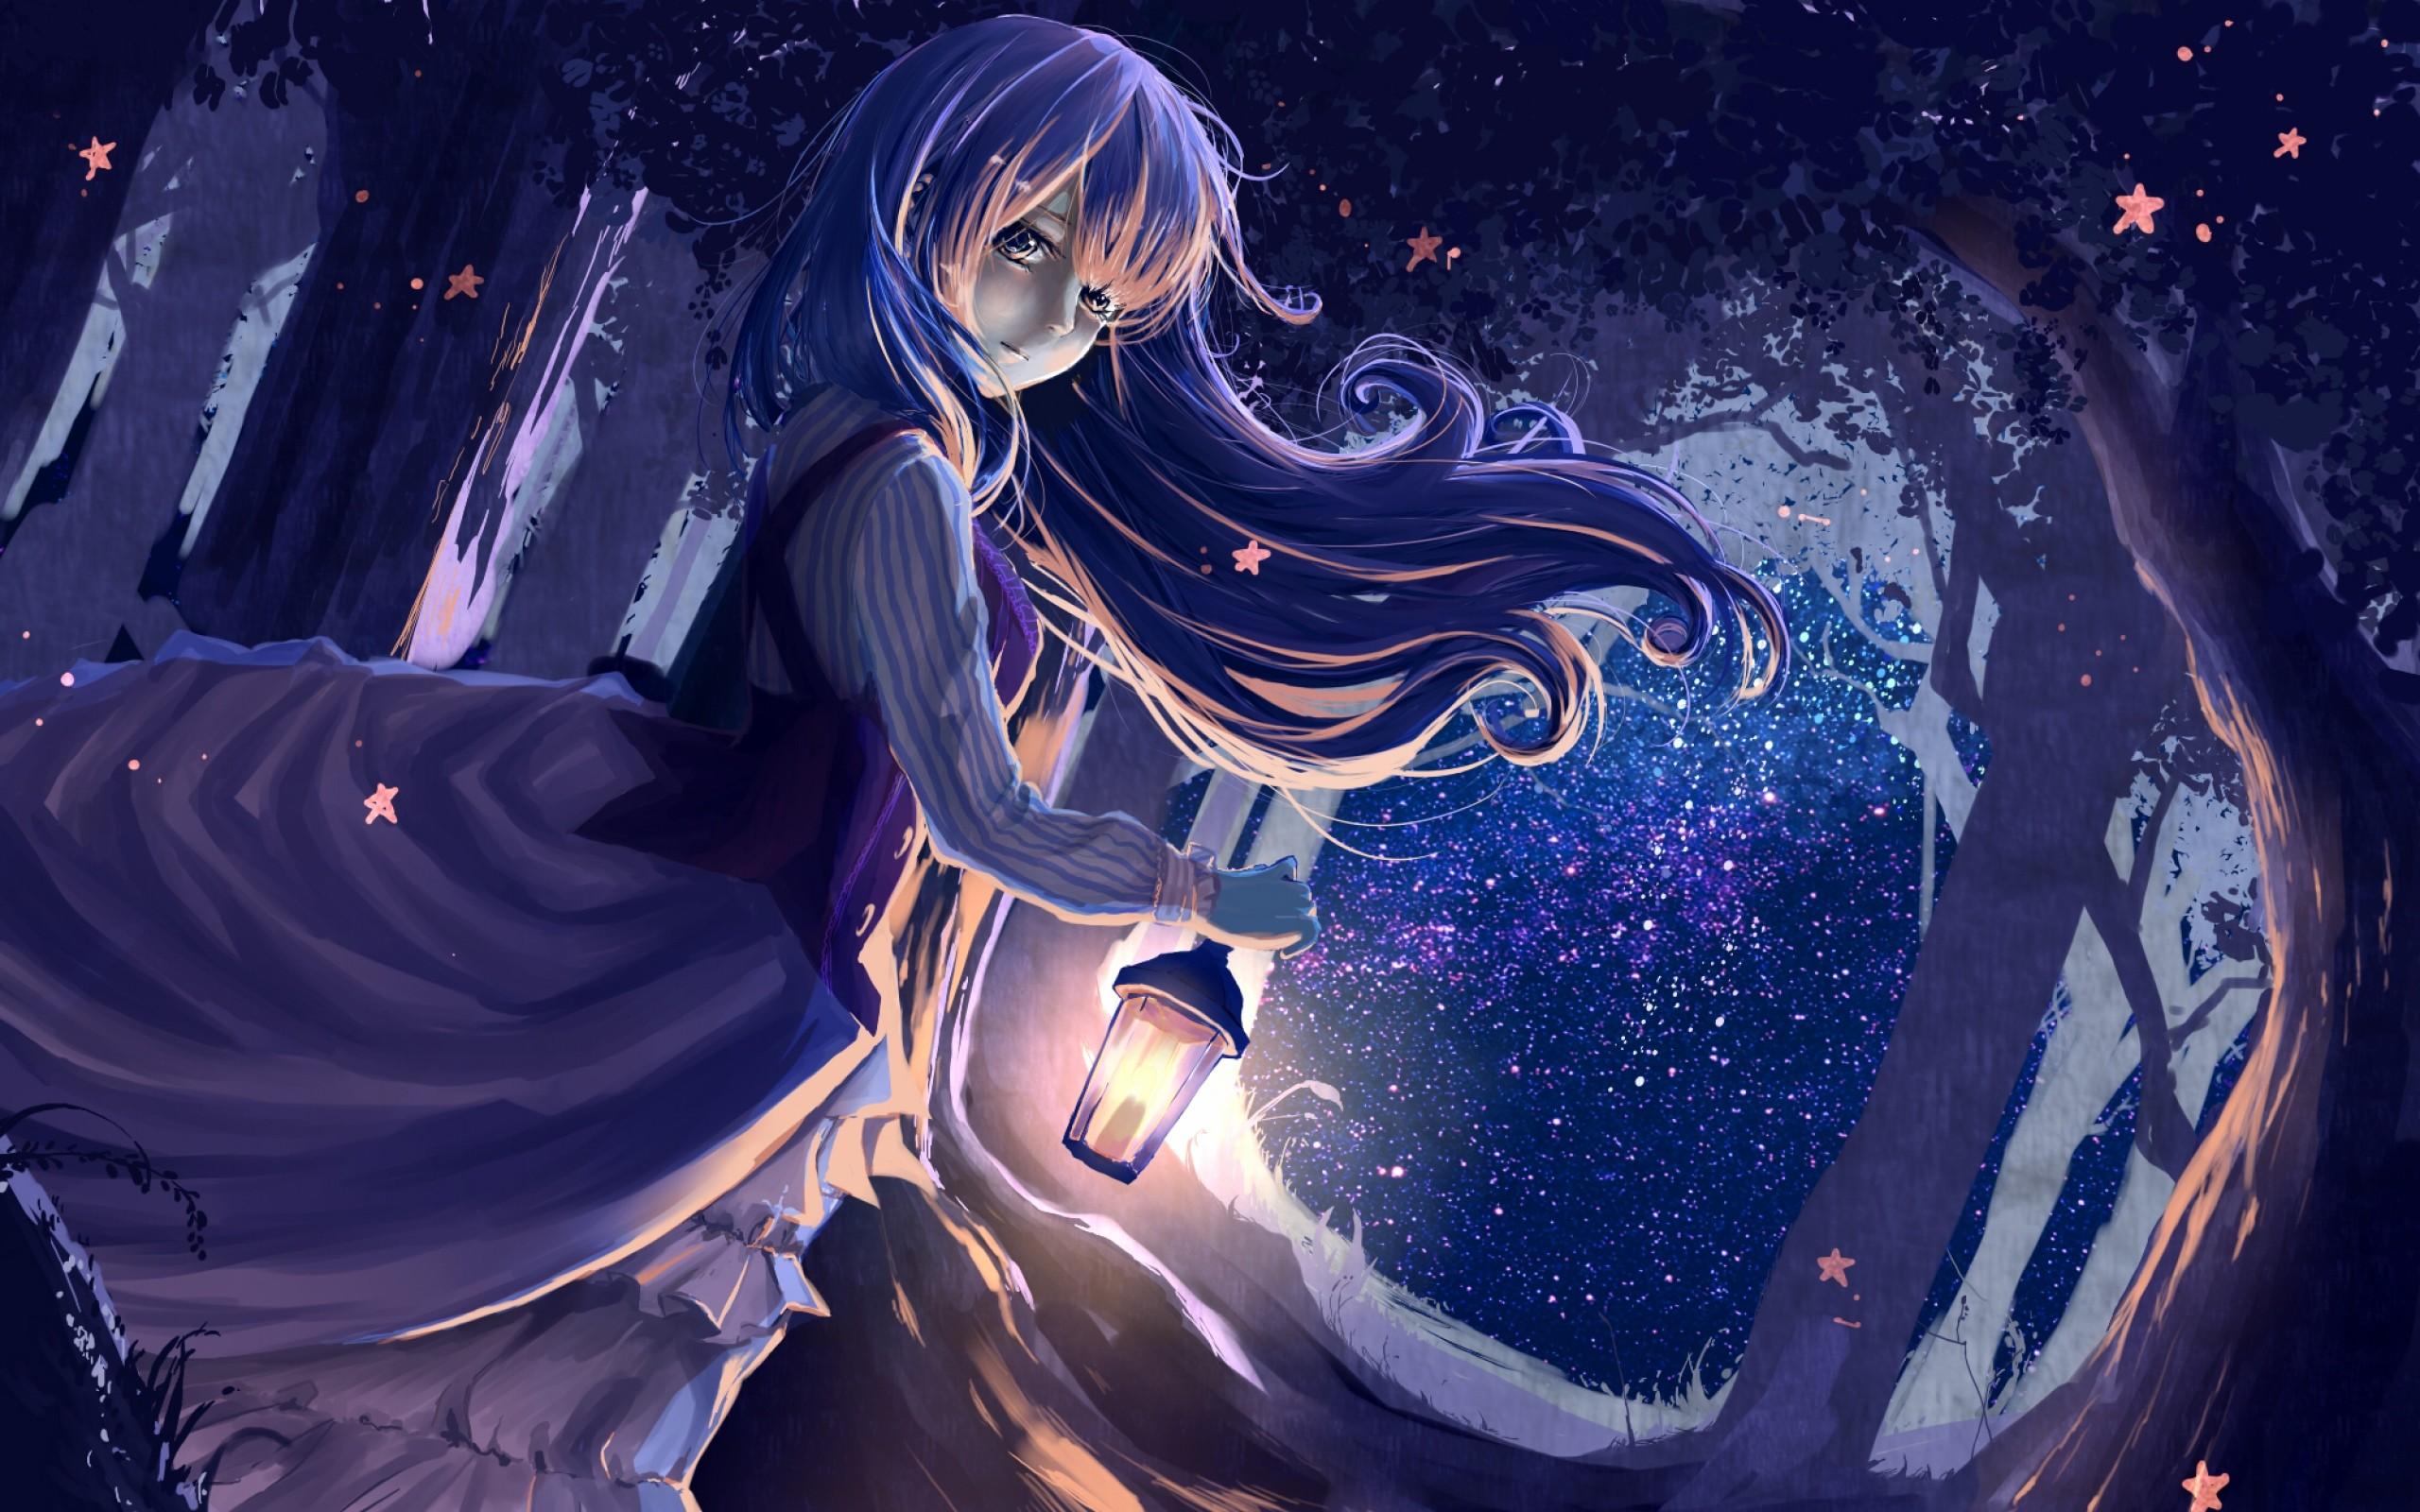 Wallpaper girl, anime, lantern, forest, night